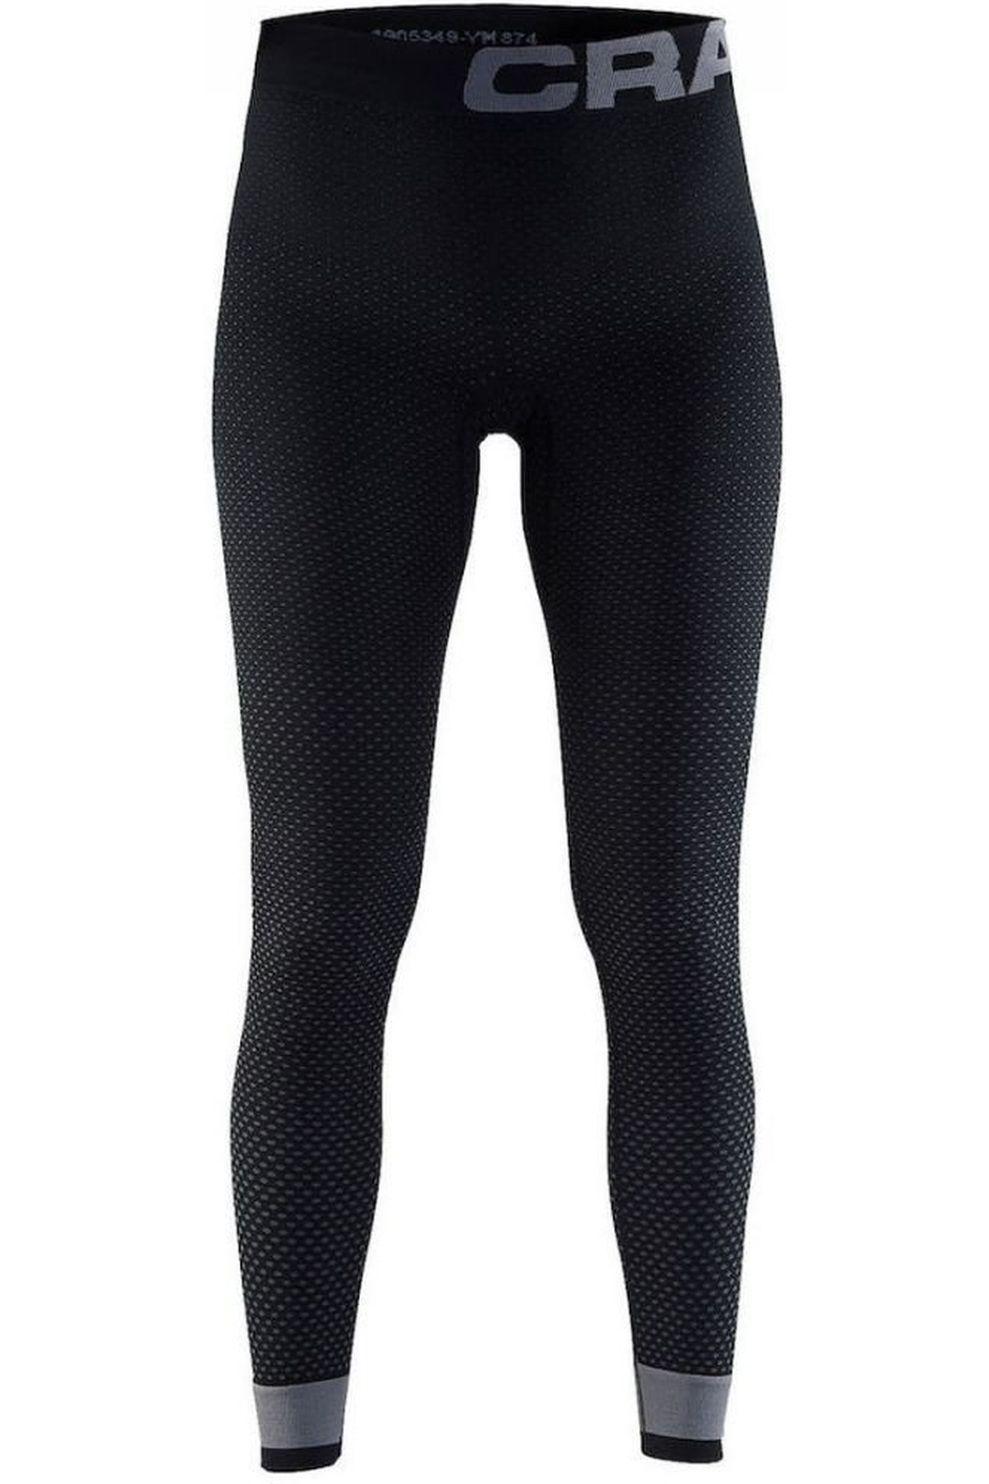 Craft Ondergoed Warm Intensity Pants voor dames - Zwart - Maten: XS, S, M, L, XL, XXL